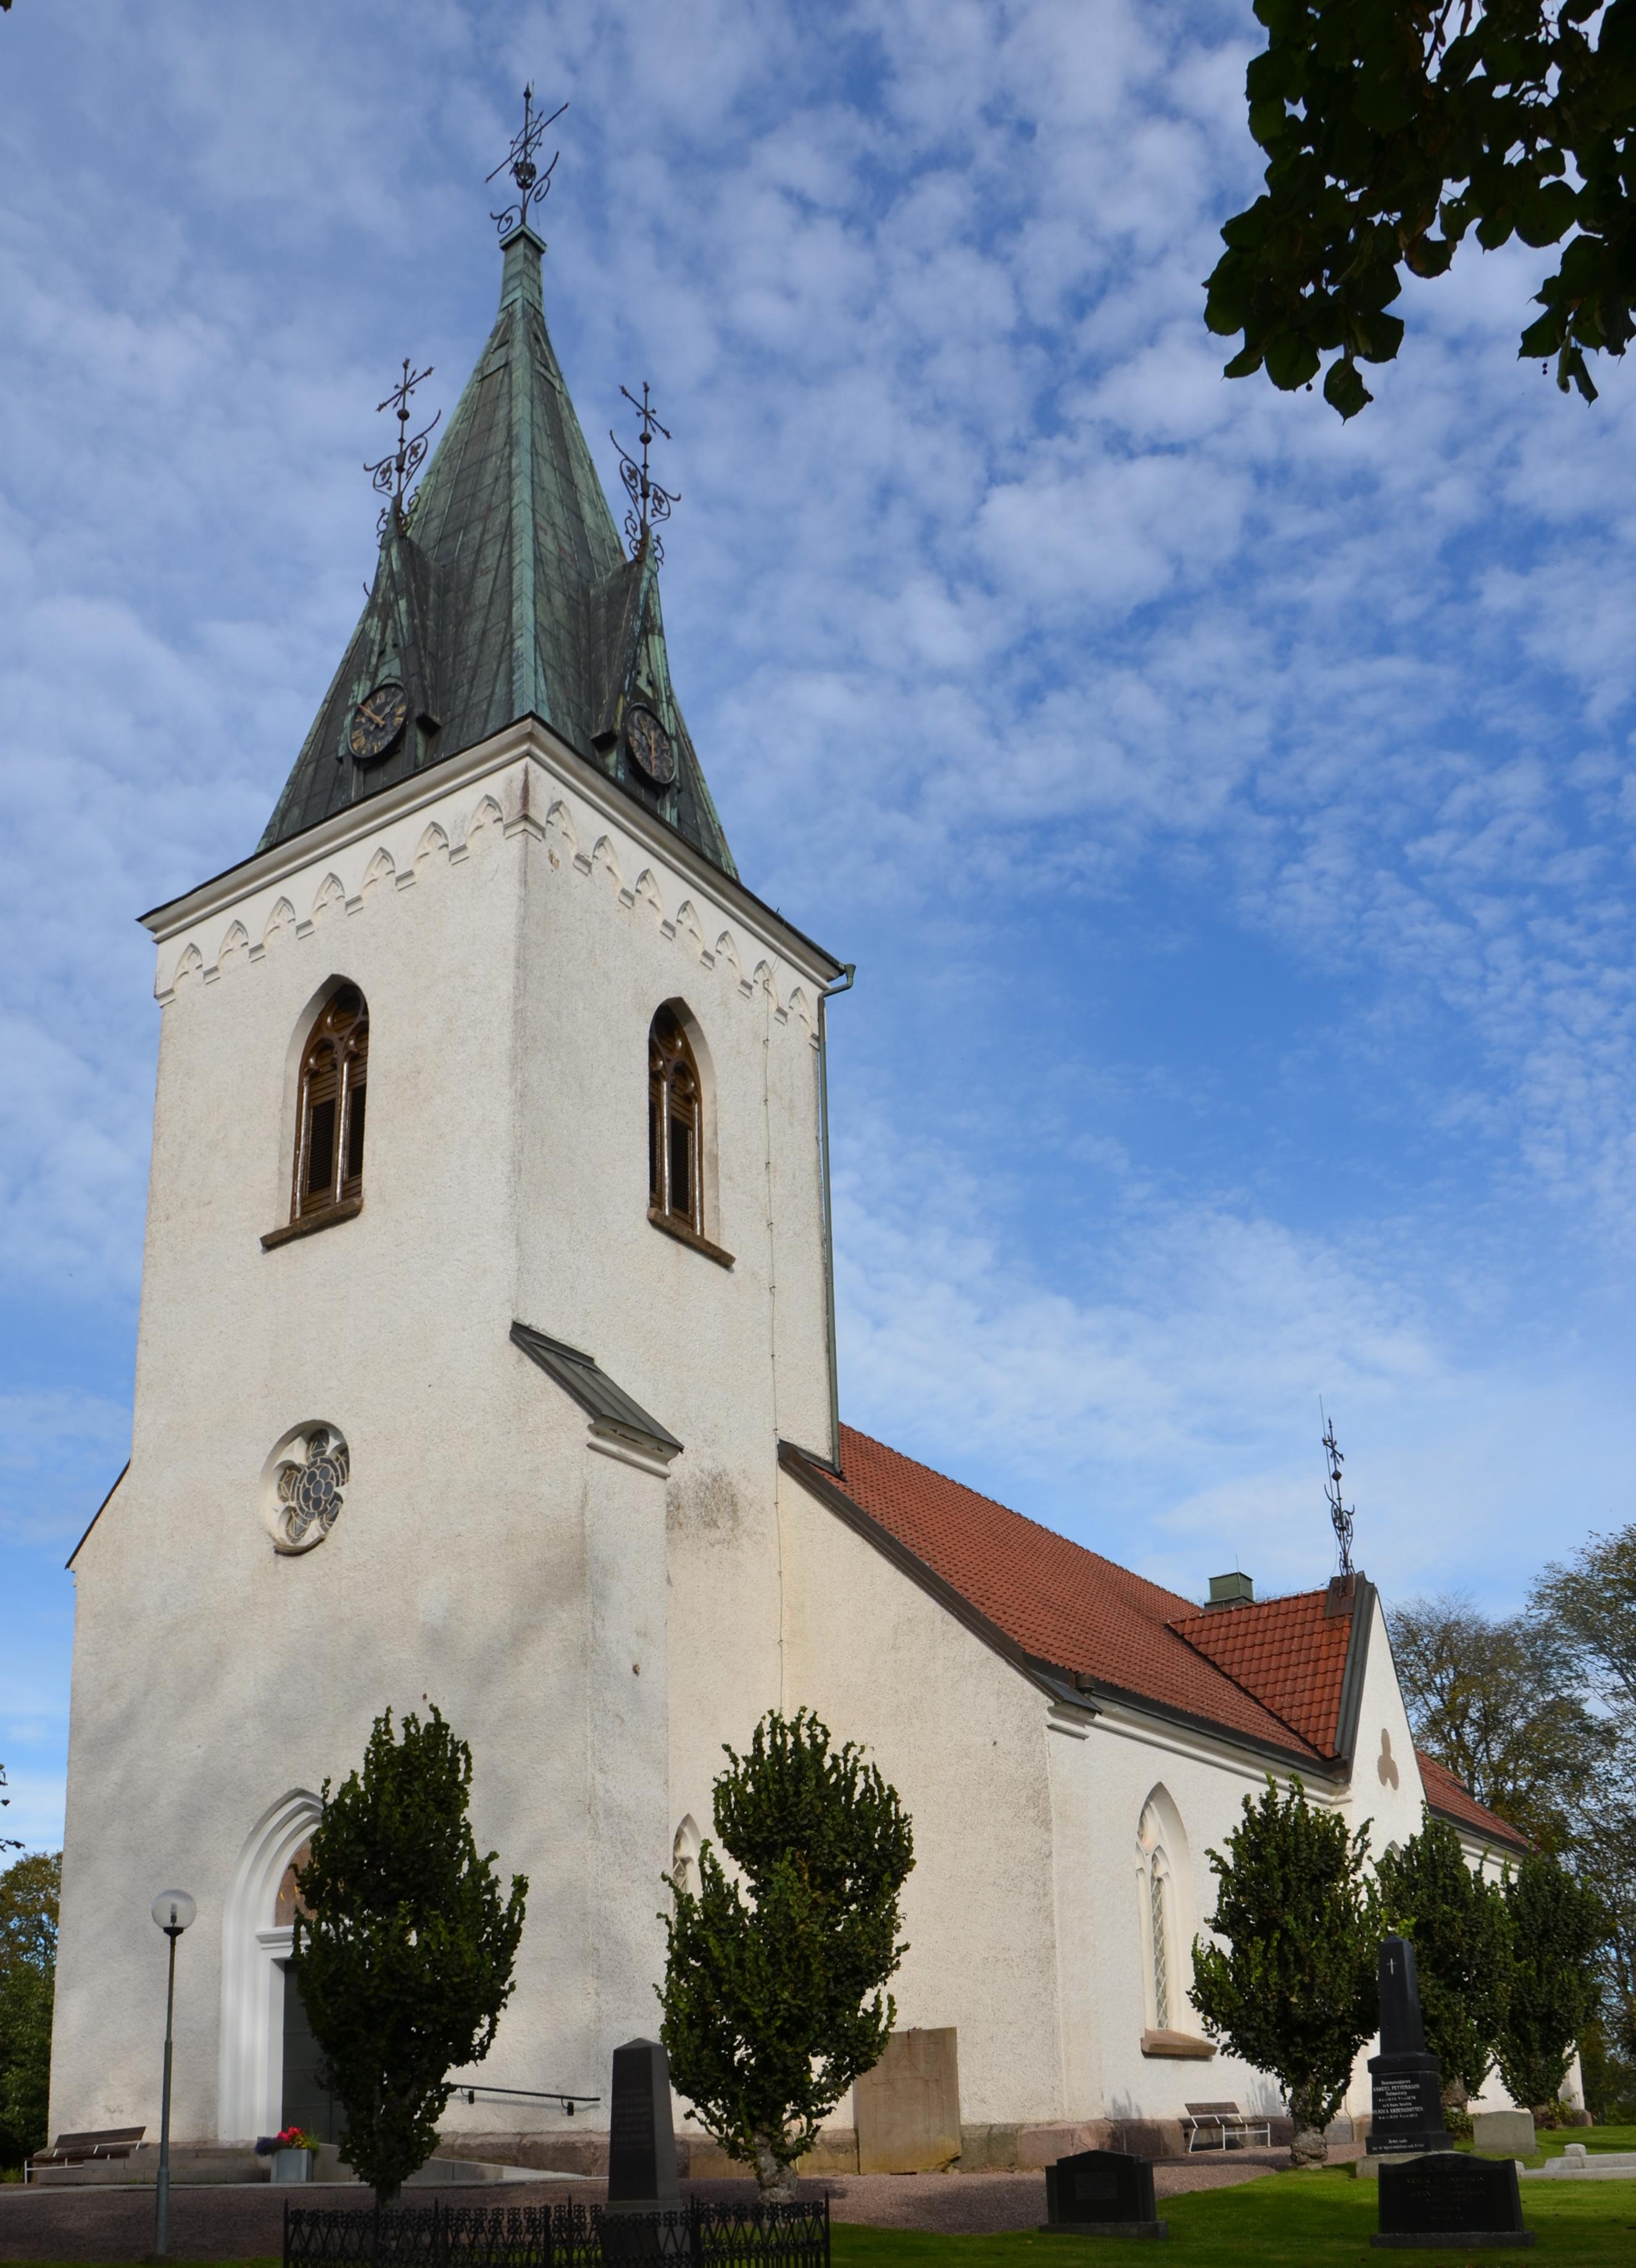 File:sarp in Vstra gtaland,unam.net - Wikipedia